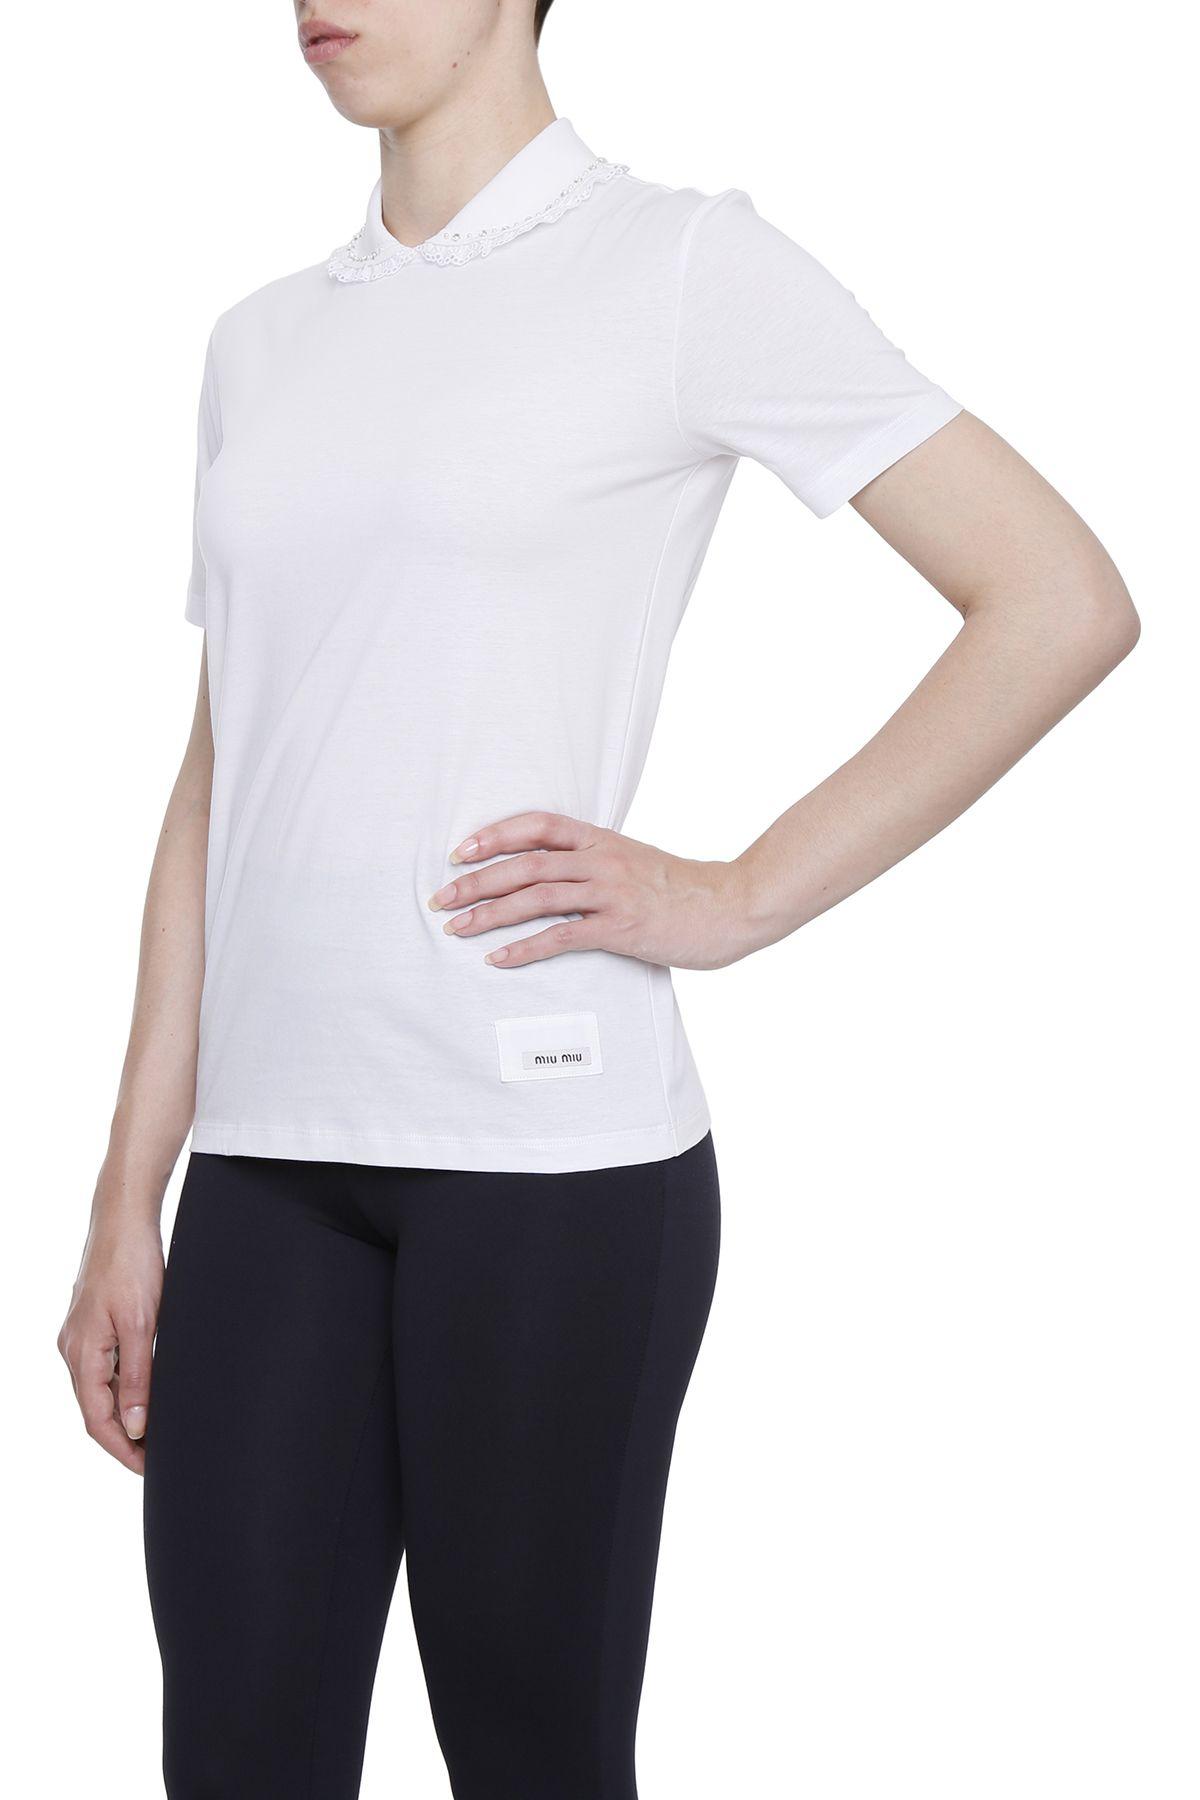 Miu miu jersey t shirt with embroidered collar bianco for Miu miu t shirt